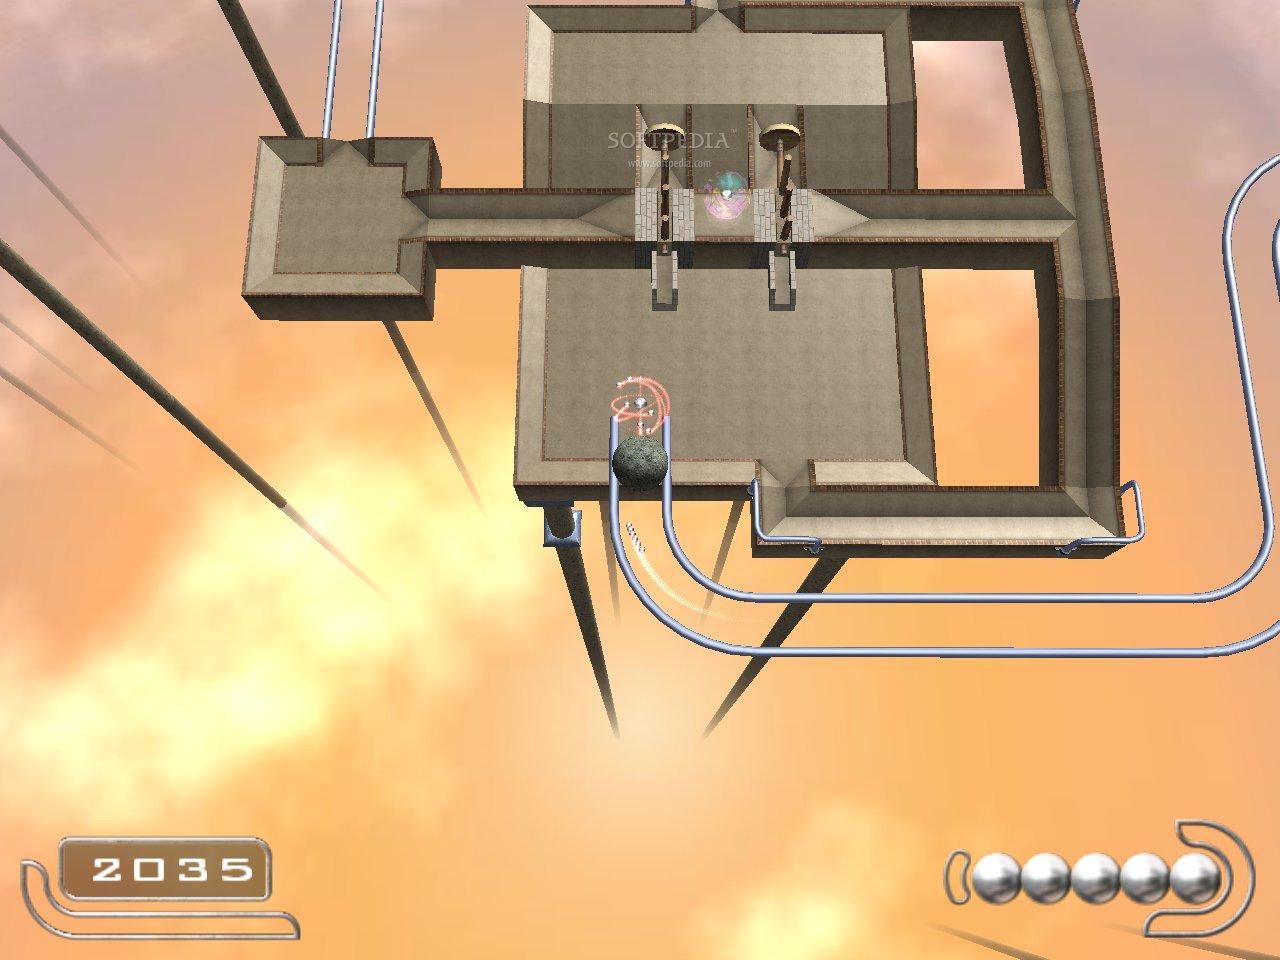 تحميل لعبة اسفلت 9 للكمبيوتر من ميديا فاير